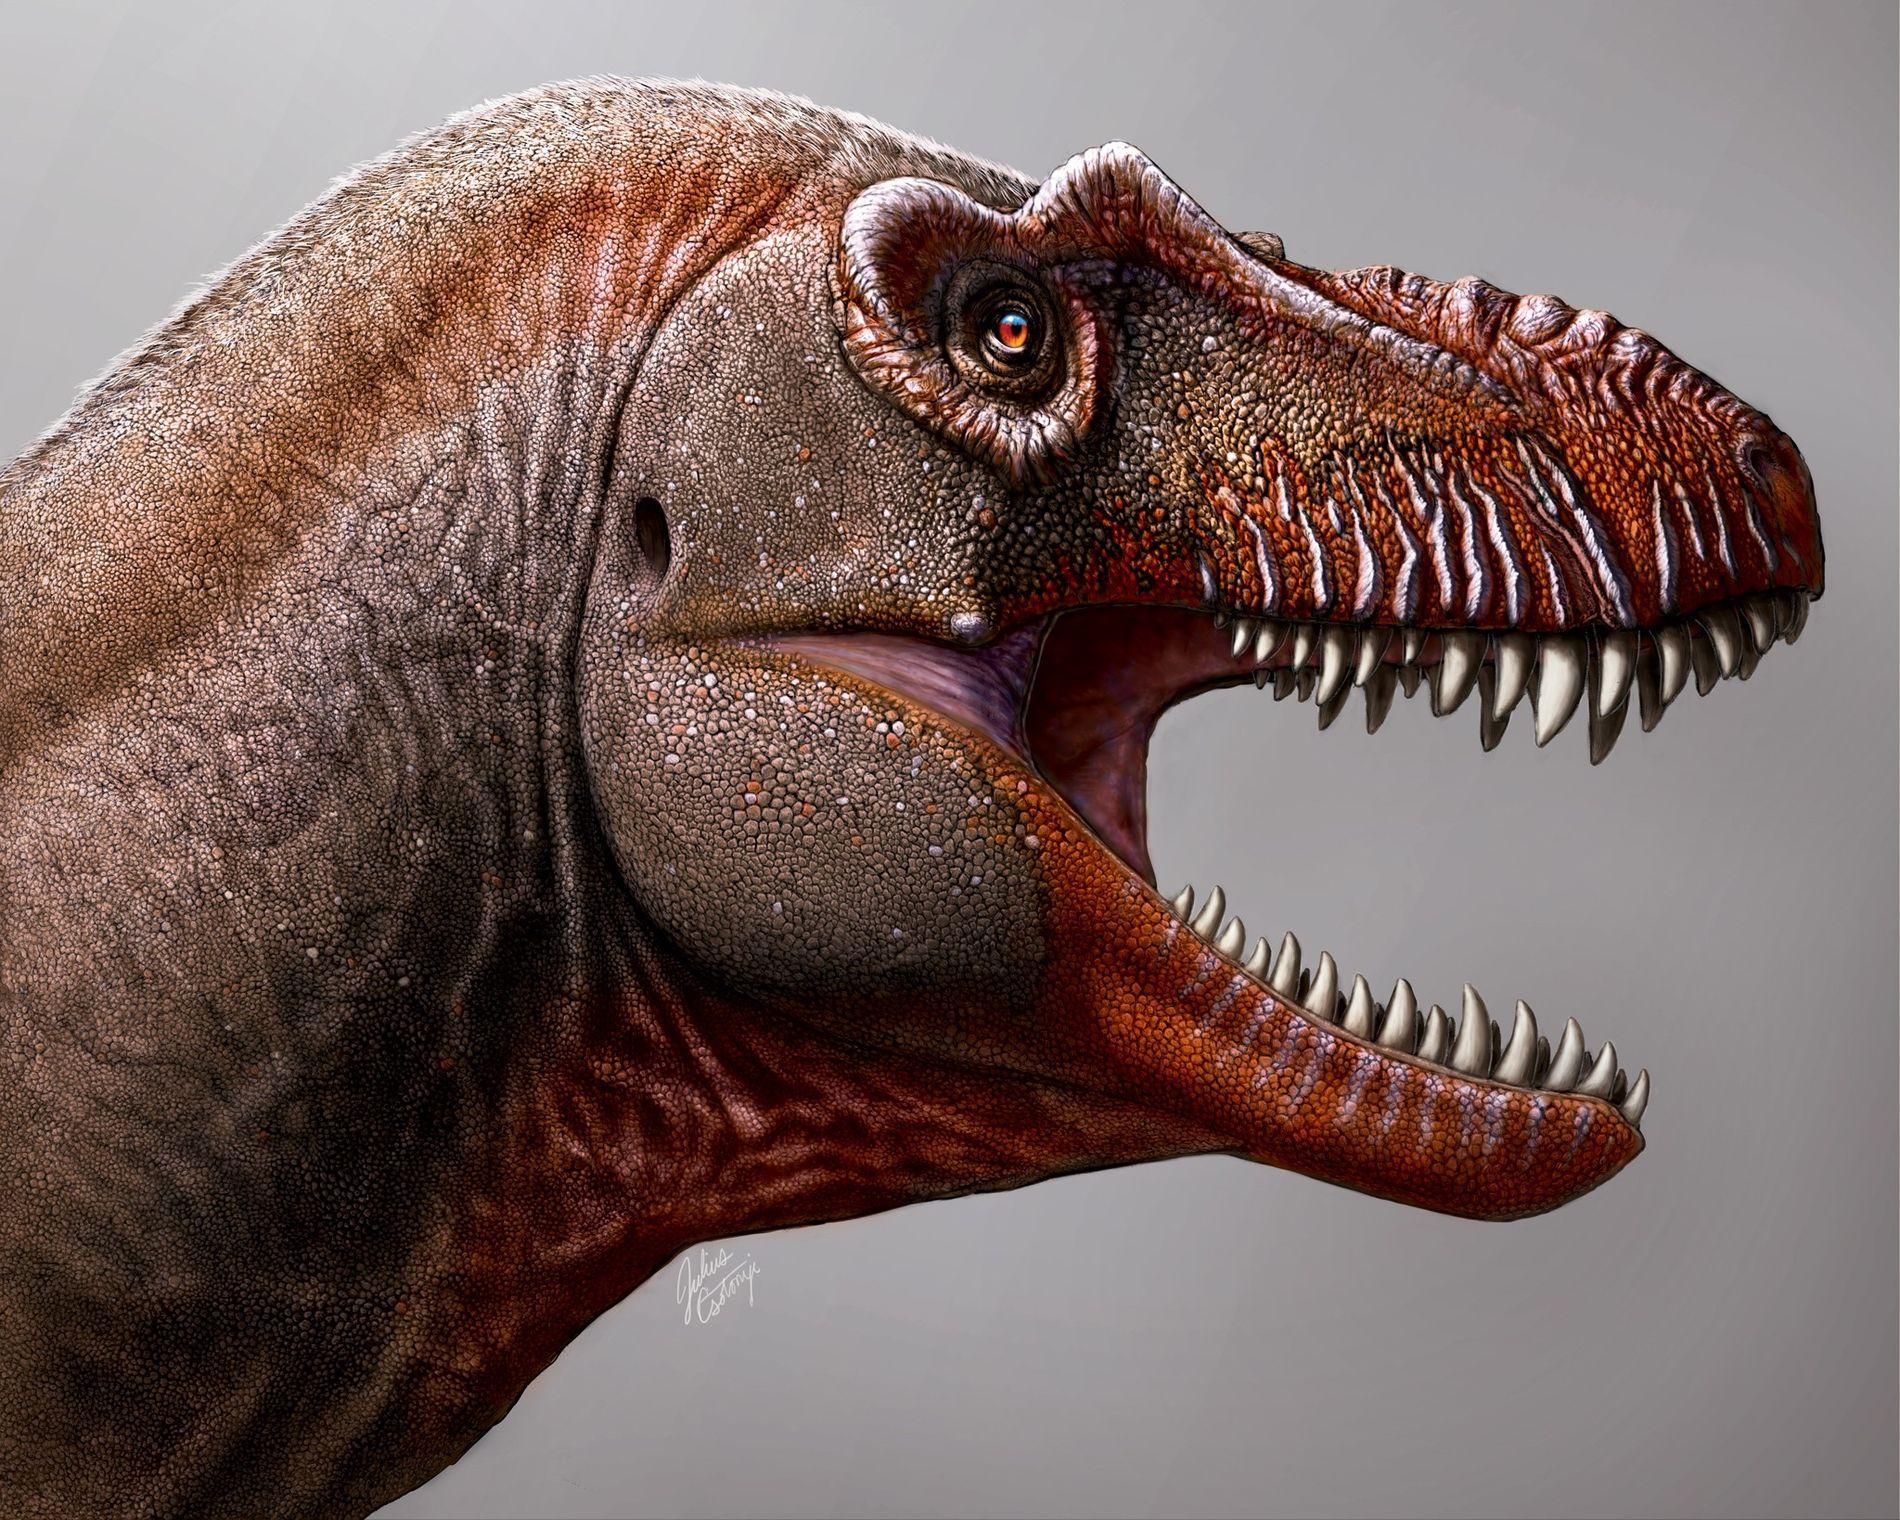 Aos olhos leigos, muitos tiranossauros parecem idênticos. O Thanatotheristes, porém, tem diversas características que o diferenciam ...